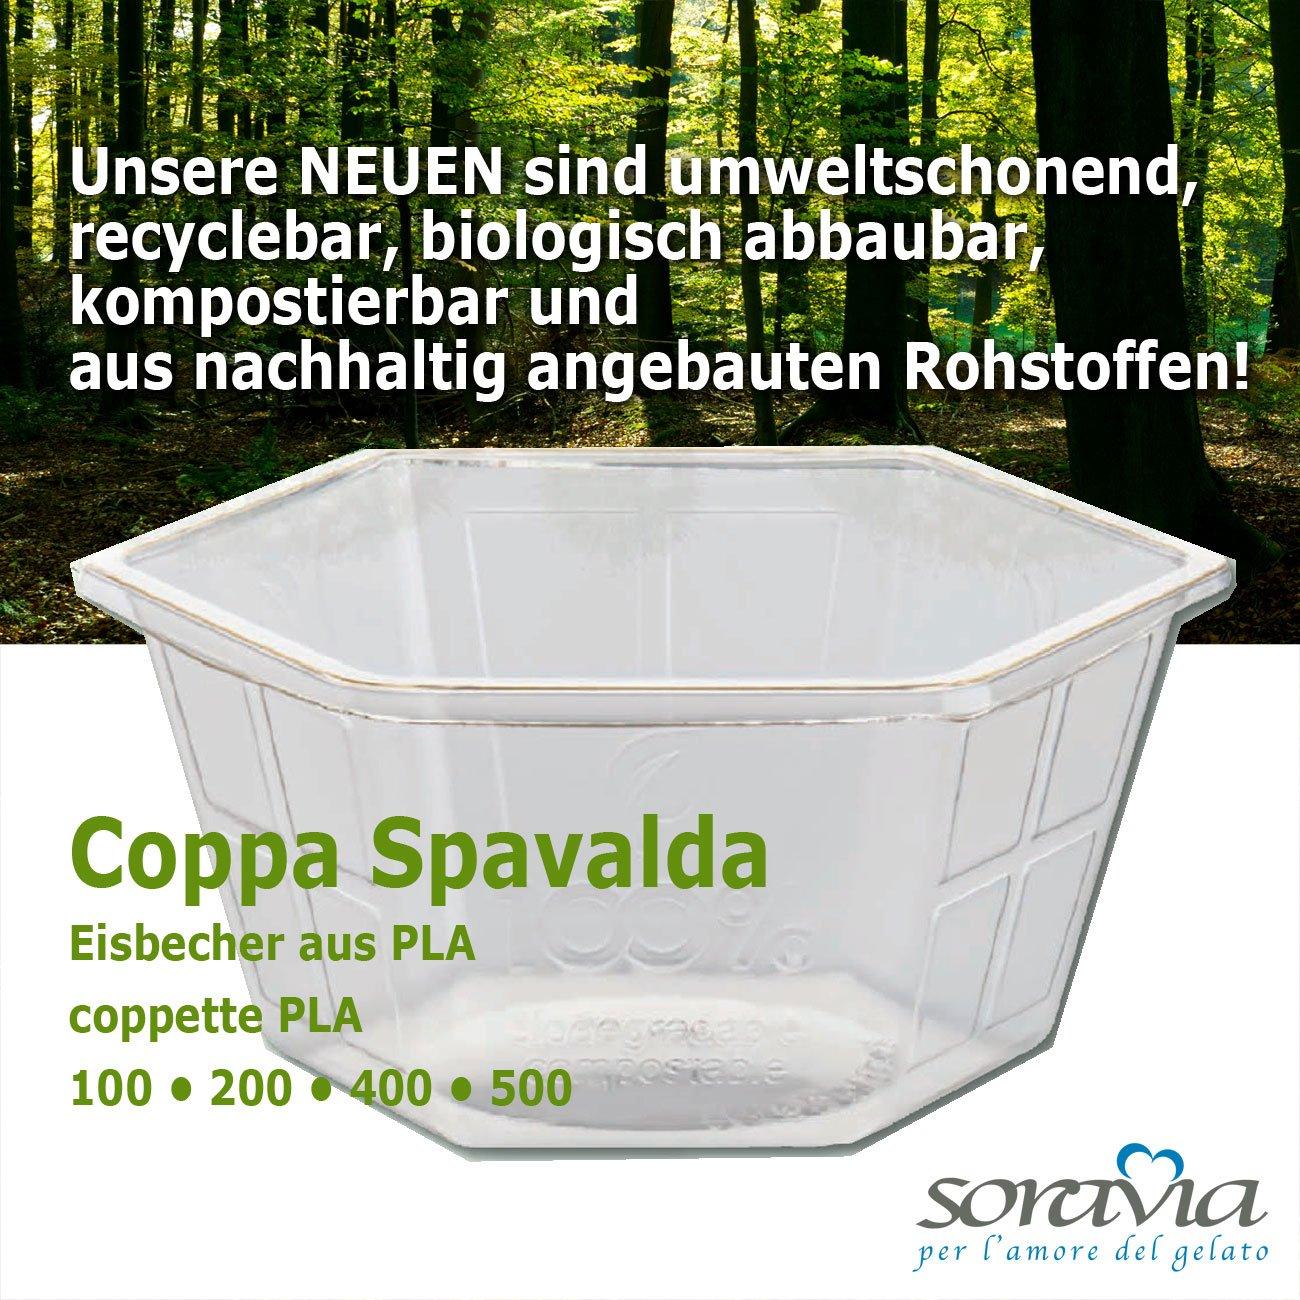 Coppa Spavalda 500, bunt gemischt  / multicolore  - Karton 600 Stück -  Eisbecher aus Plastik